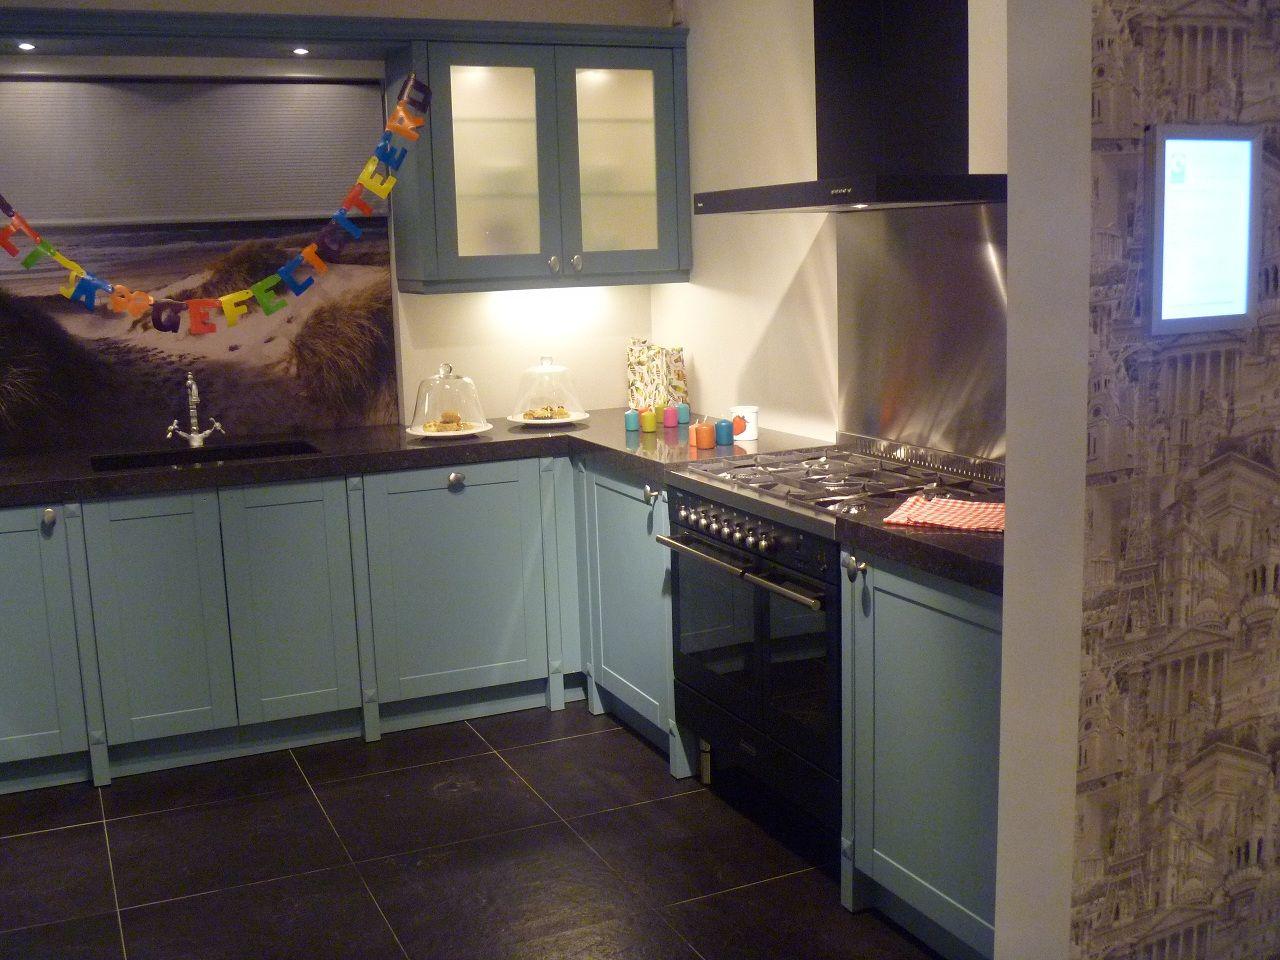 Keukens Groningen Aanbiedingen : fornuis showroommodel Keuken Groningen com